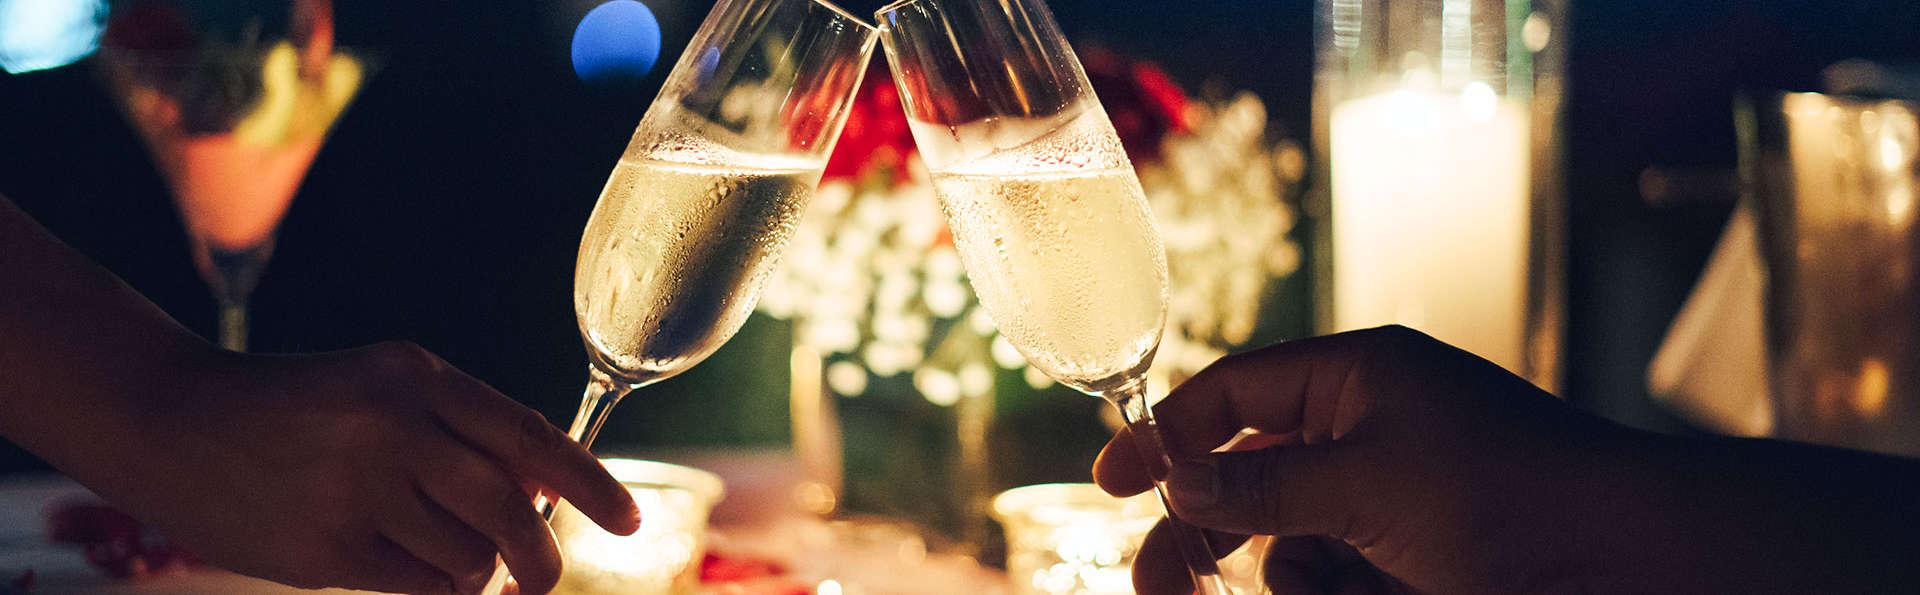 Venez profiter d'un week-end romantique pour célébrer la nouvelle année à Plérin !